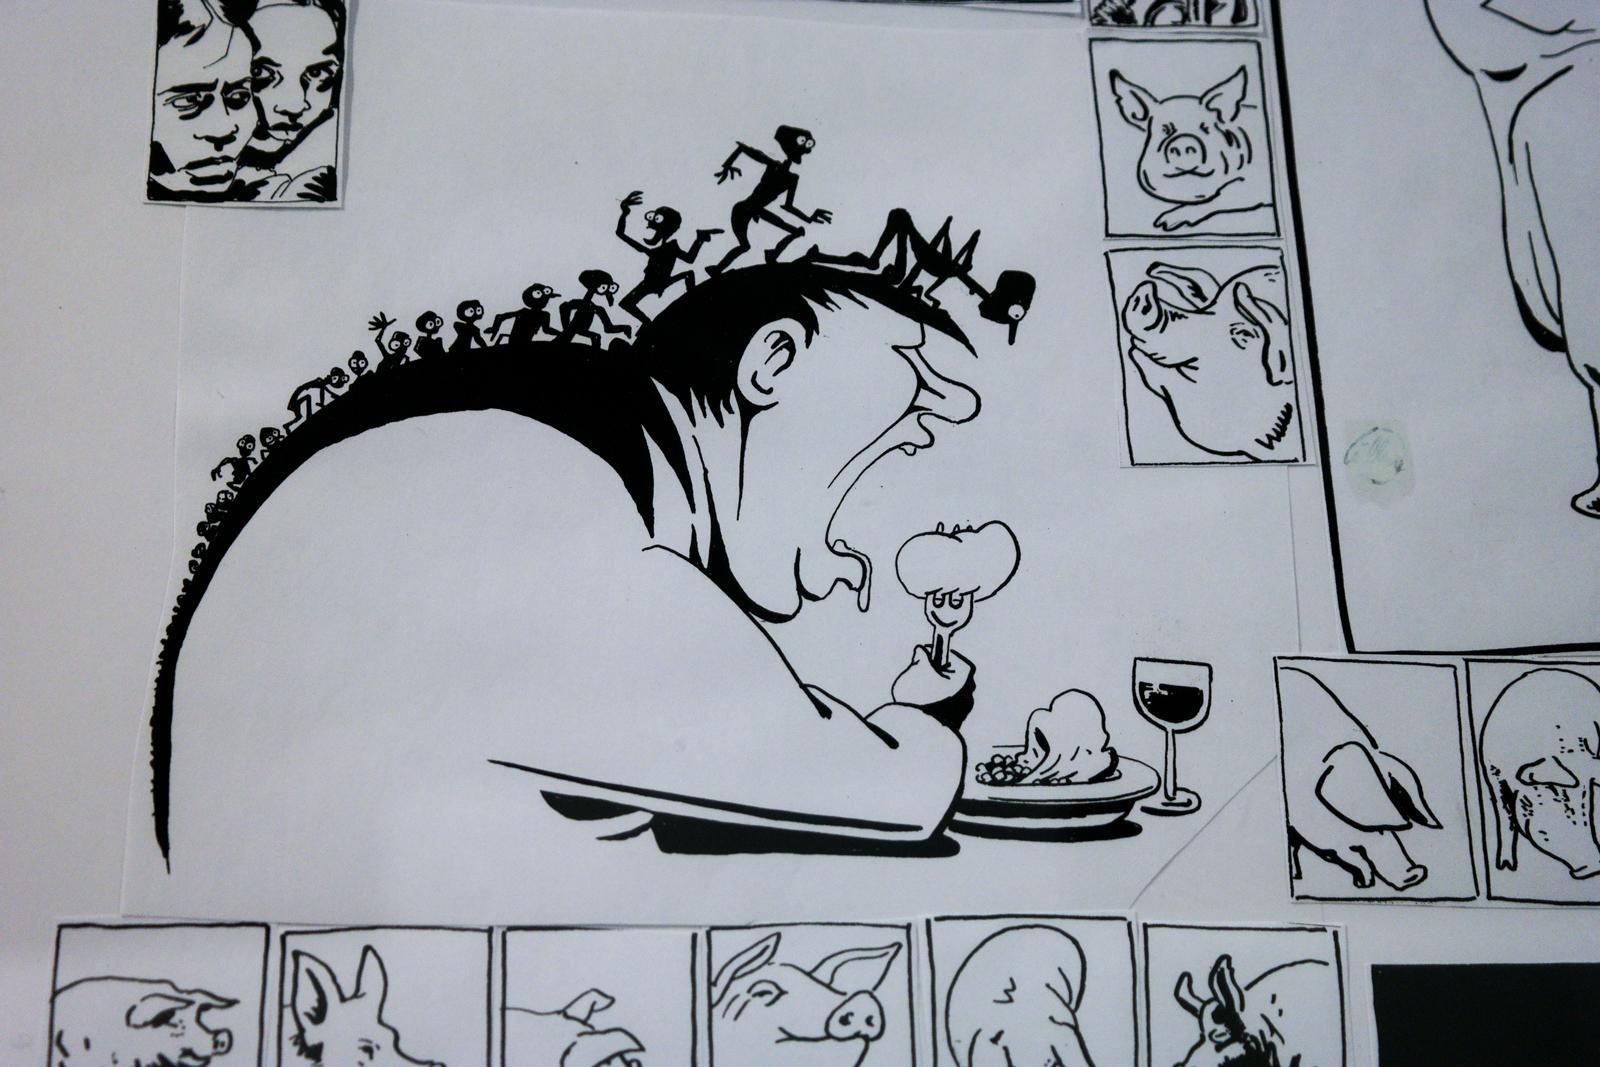 Dessin-original-encre-et-style-feutre-paru-dans-Charlie-Hebdo-Libération-années-2000-Willem-dessinateur-exposition-Les-Cahiers-Dessinés-La-Halle-Saint-Pierre-Paris